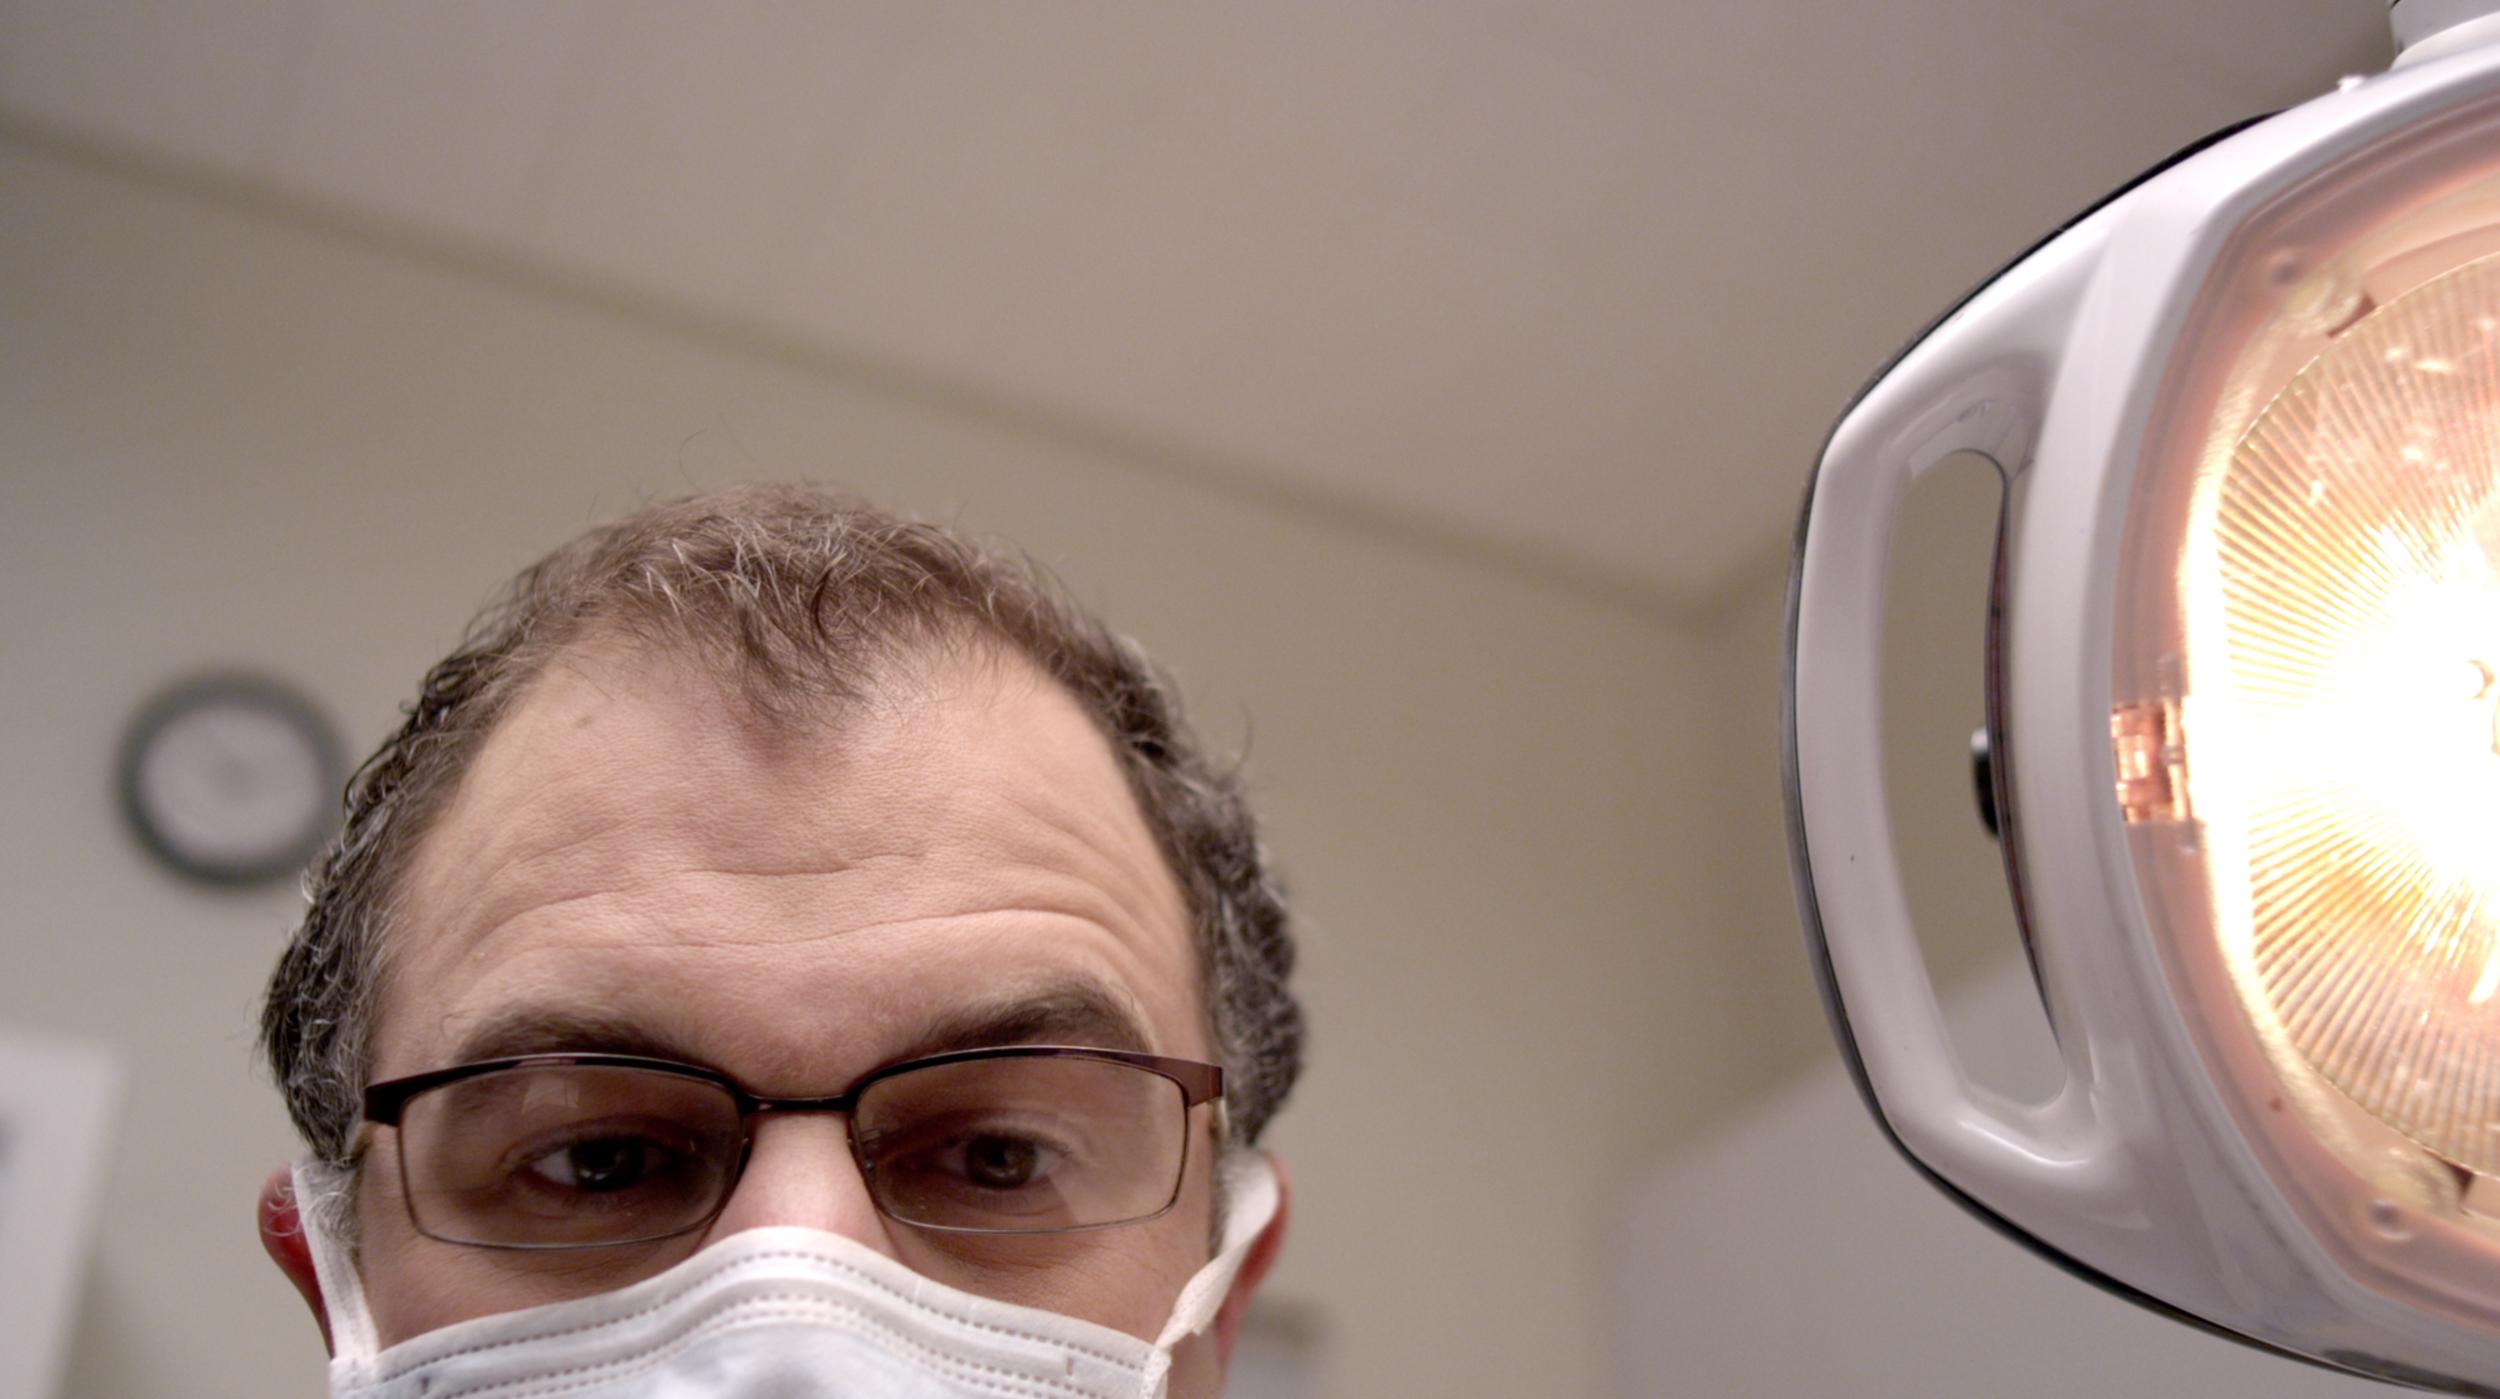 Wellpoint: Dentist